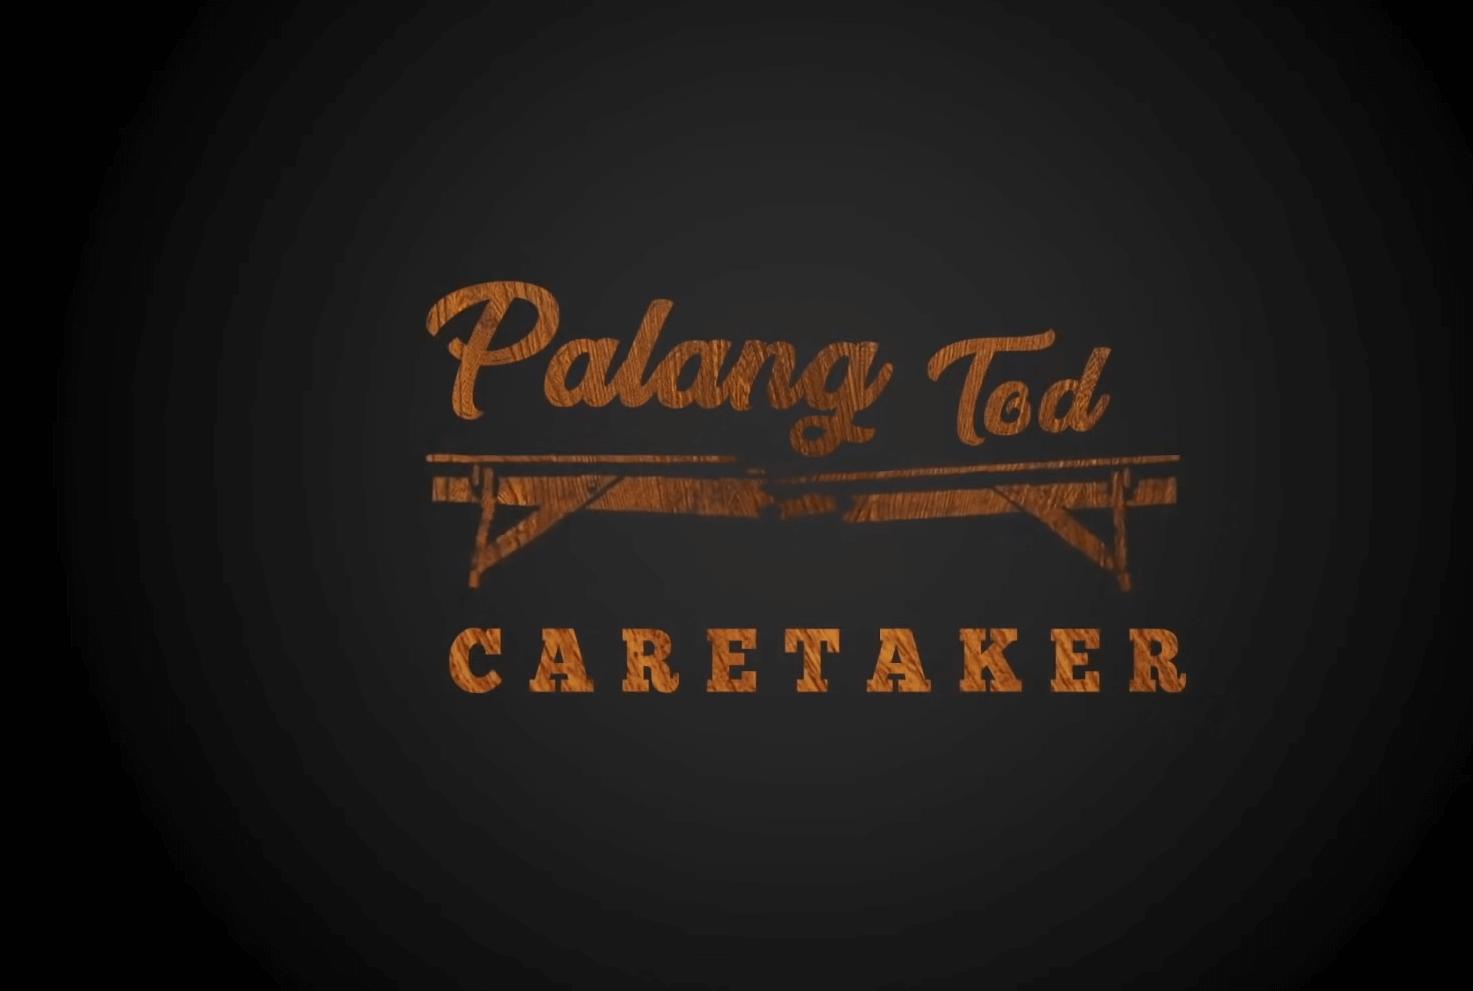 Palang Tod Caretaker